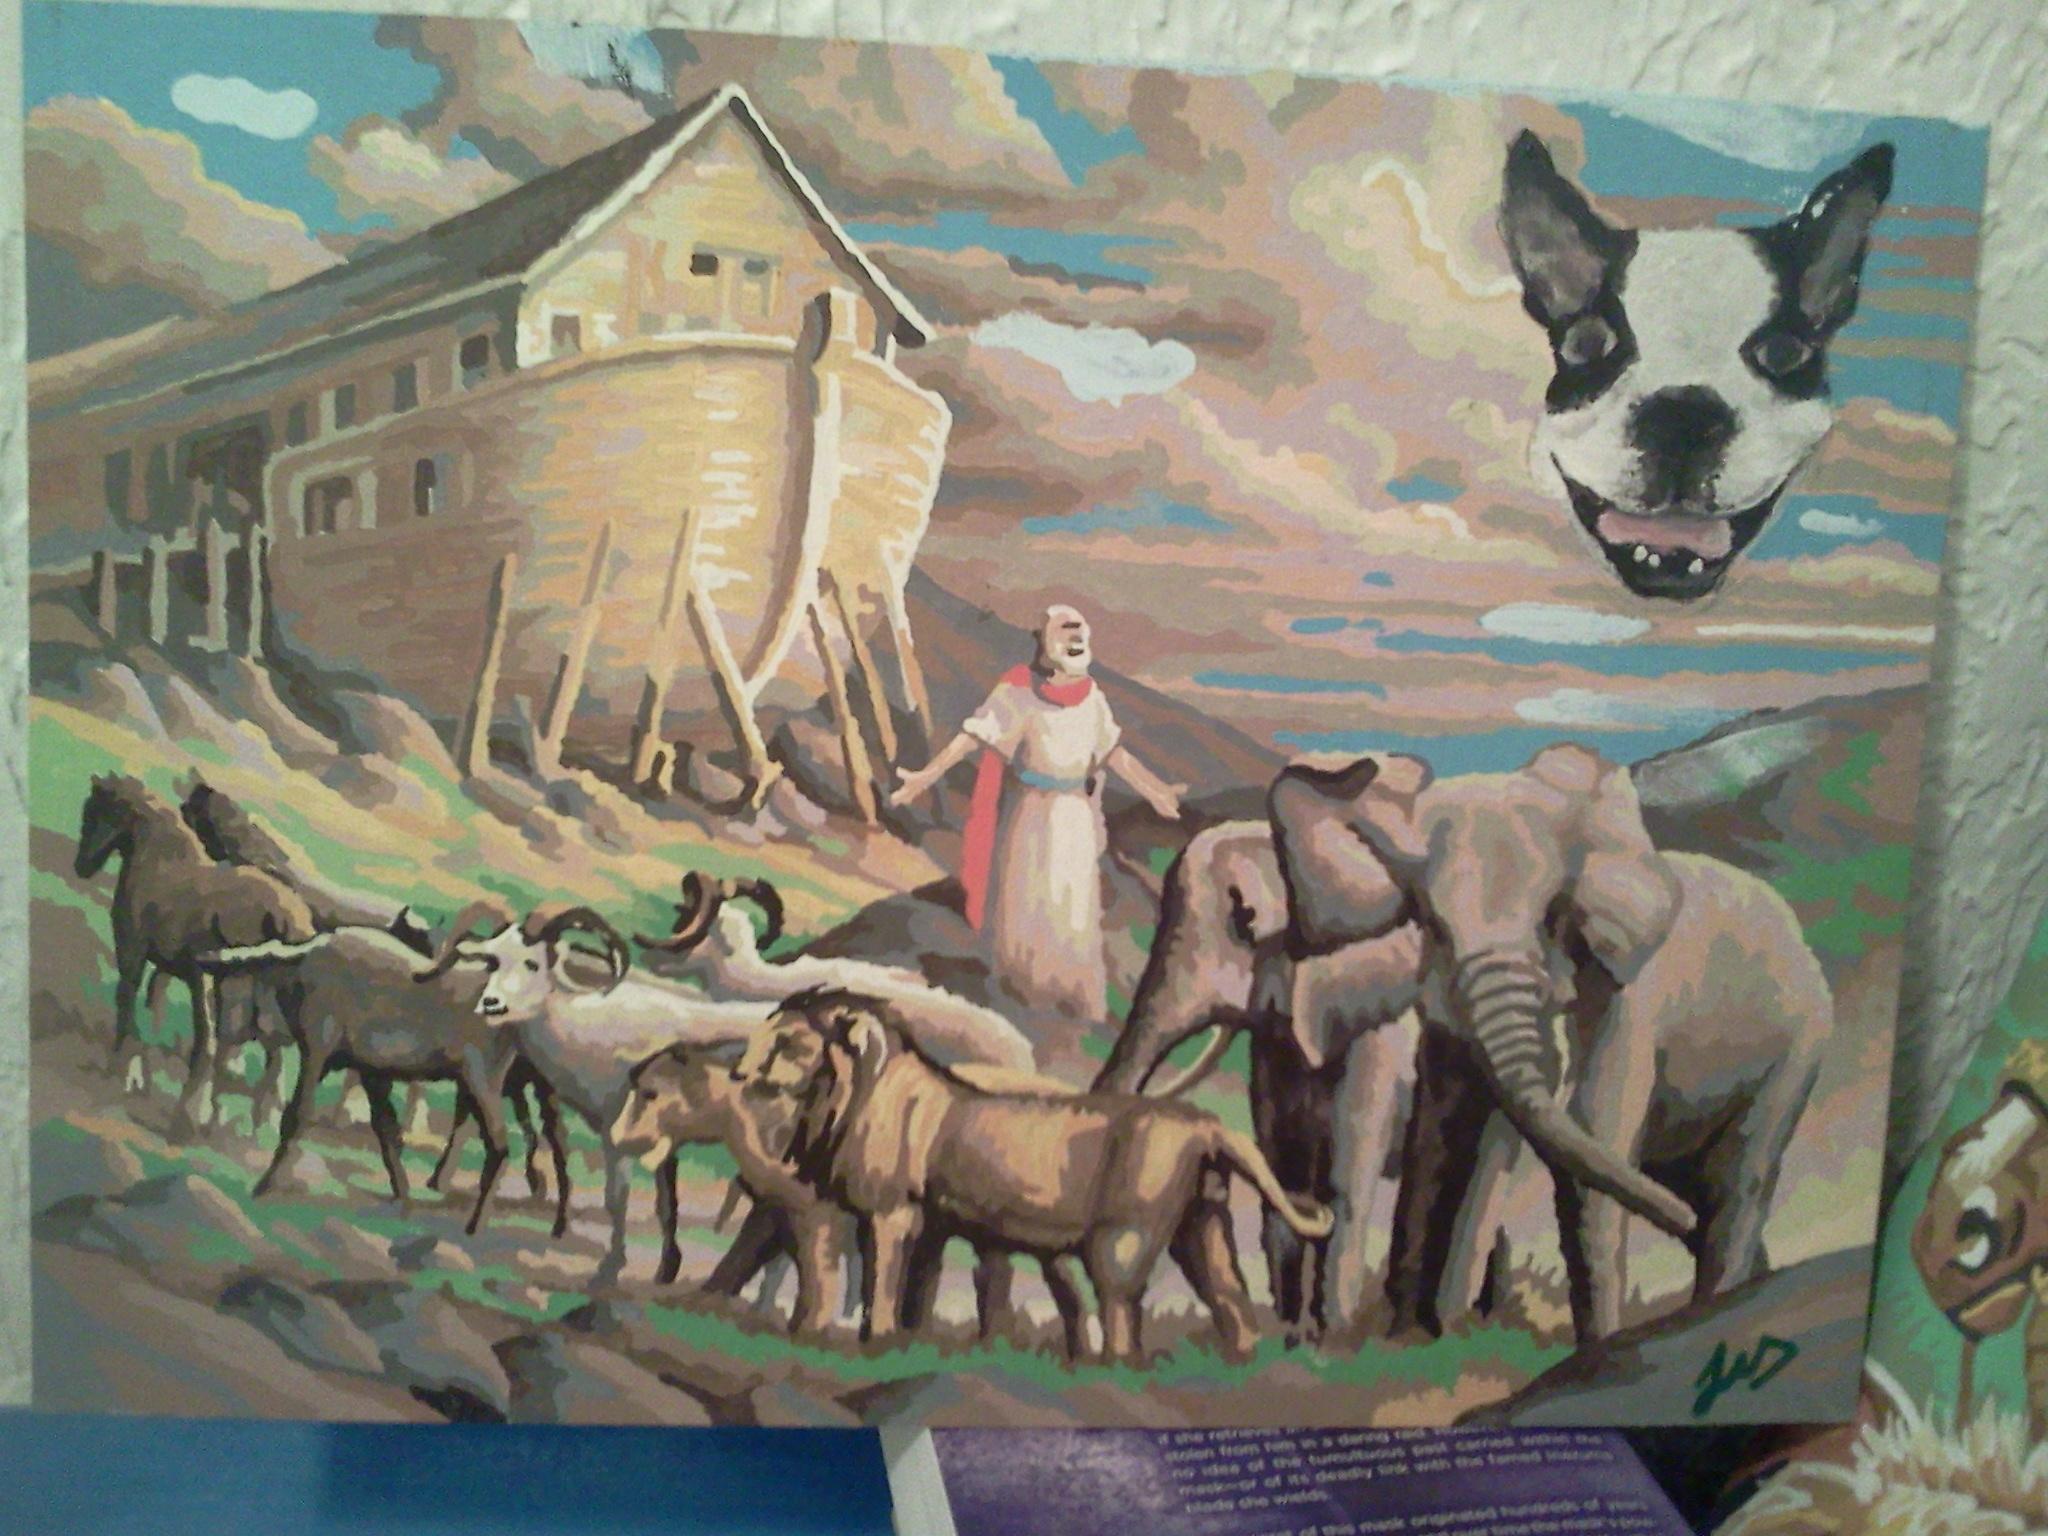 Noah's Ark, and Squeak